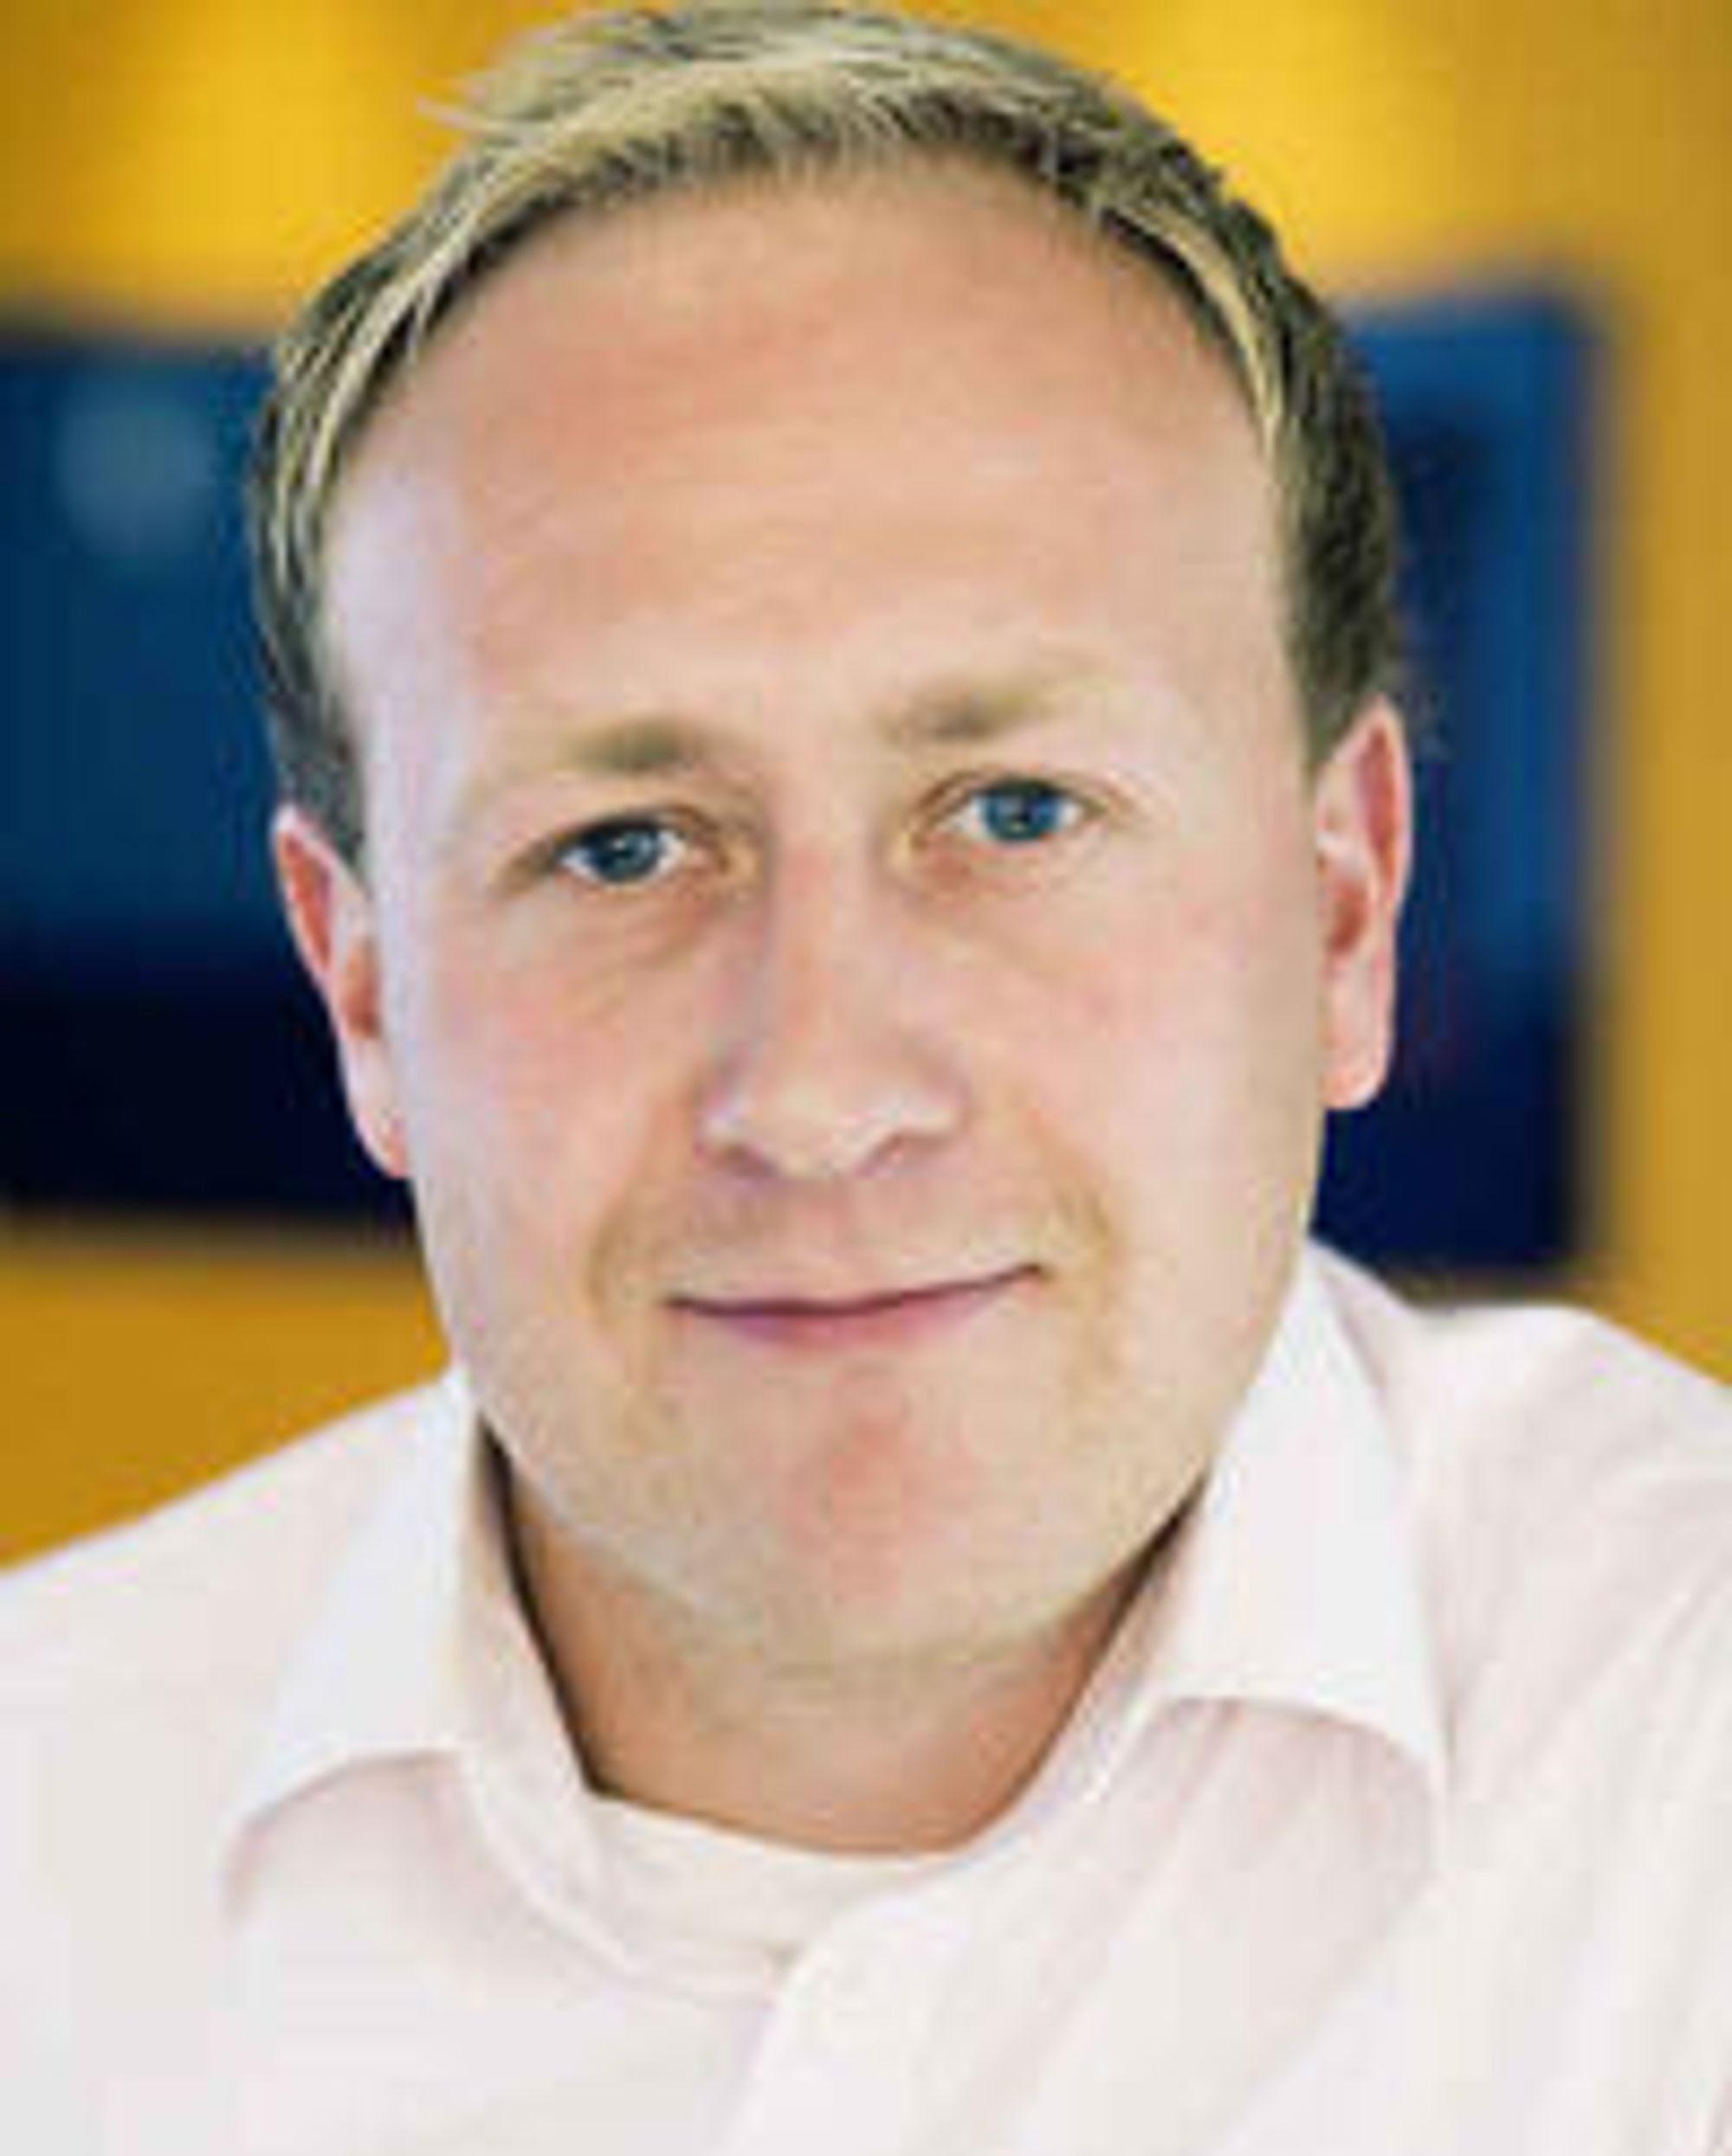 Noen tusen har kjøpt LTE-abonnement siden lanseringen desember i fjor, ifølge Øyvind Vederhus i Netcom.